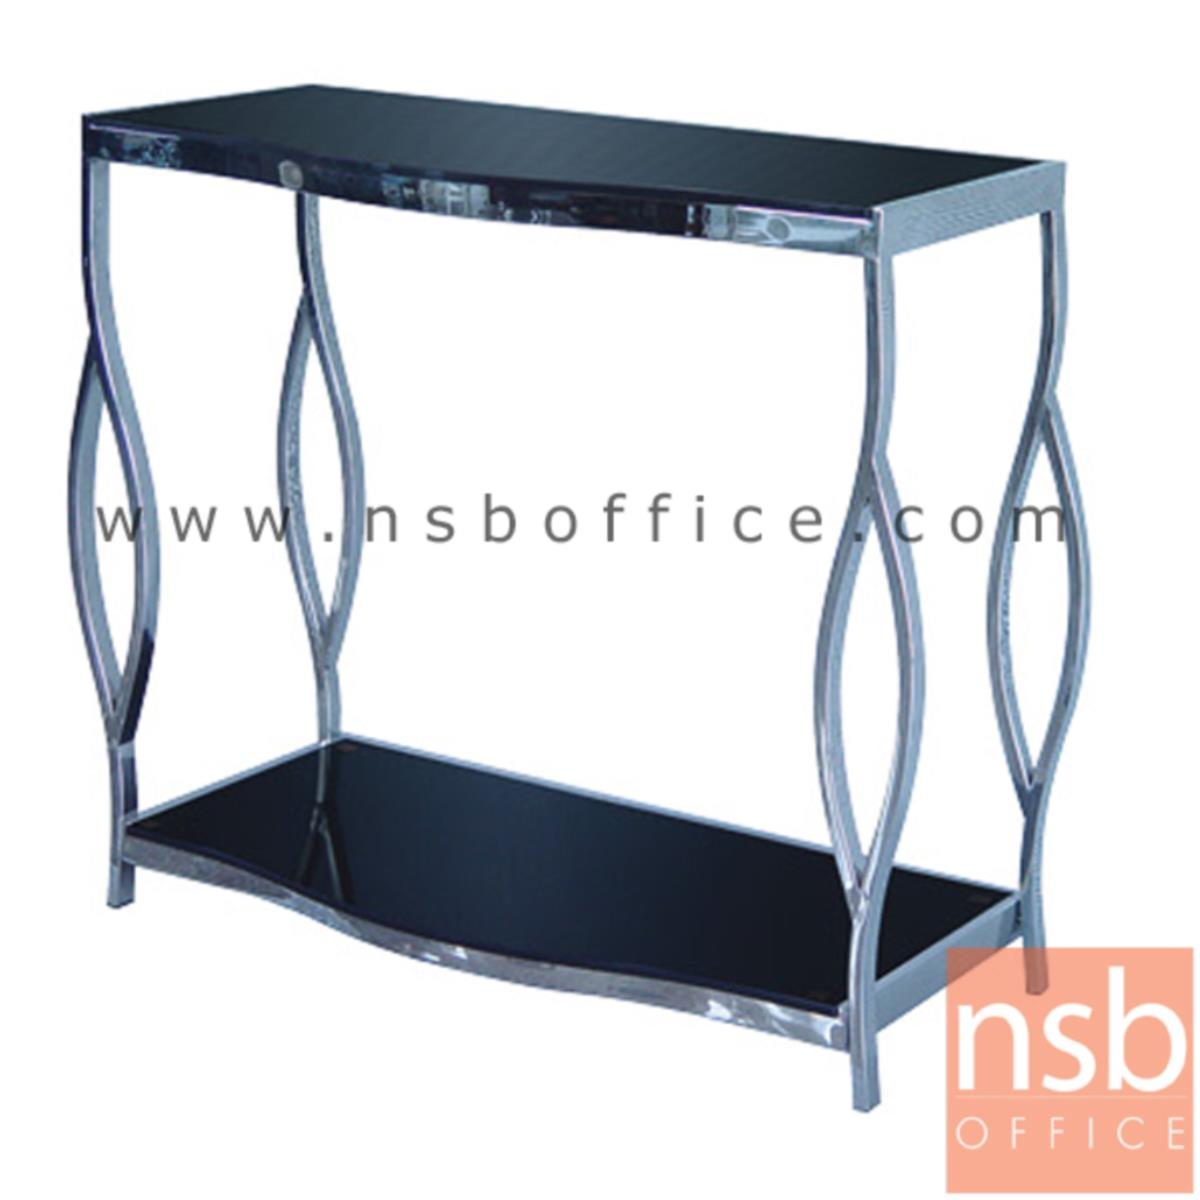 A09A112:โต๊ะหน้ากระจกสีดำ รุ่น Shirley (เชอร์ลีย์) ขนาด 80W ,120W cm.  โครงเหล็กชุบโครเมี่ยม